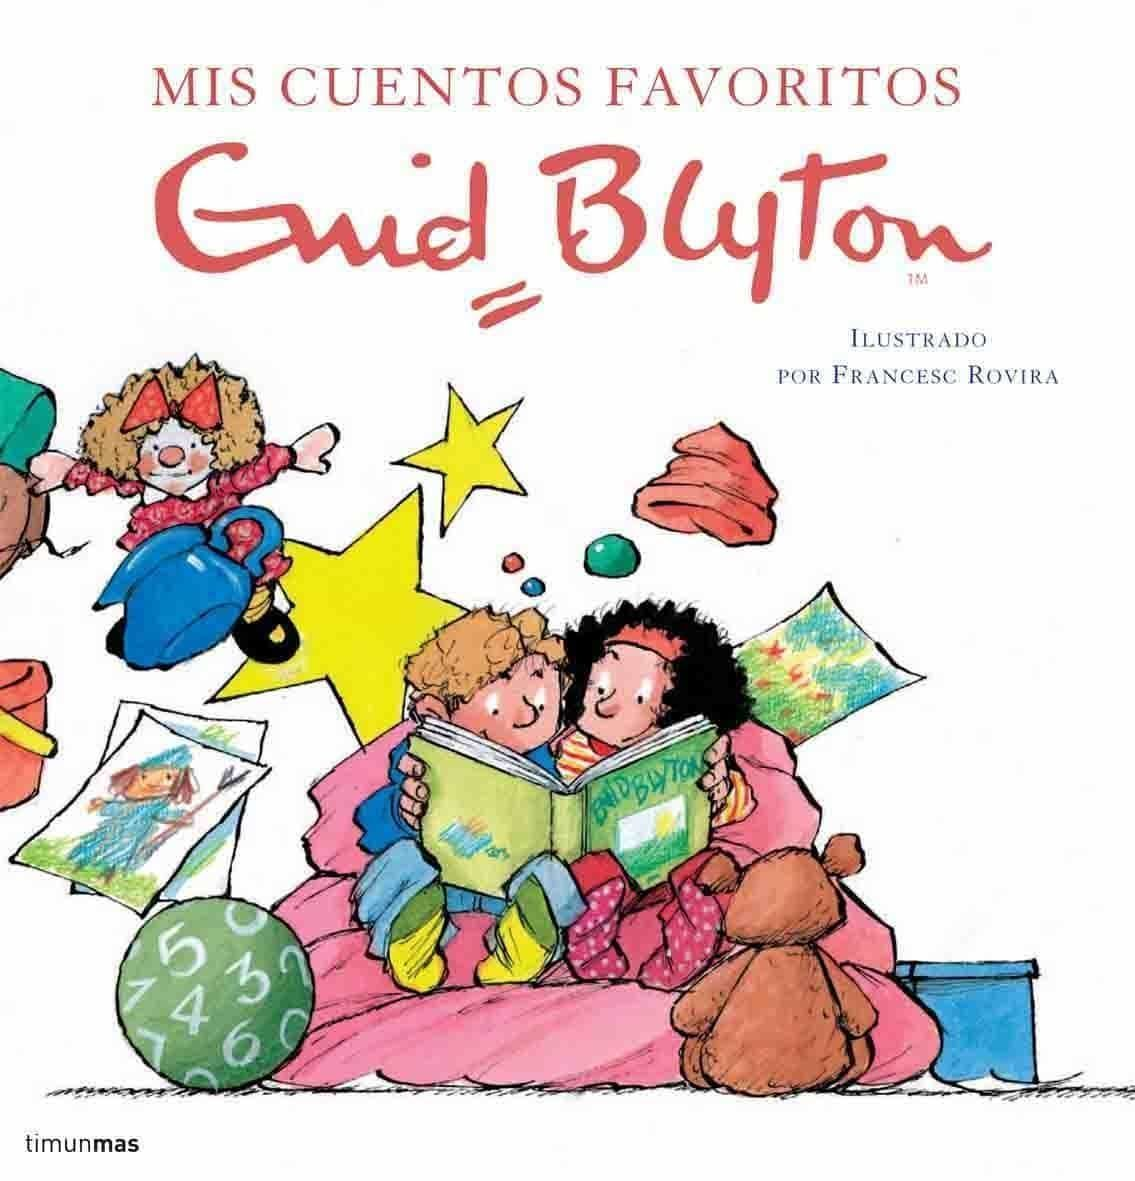 Cuentos Favoritos Enid Blyton - Blyton Enid